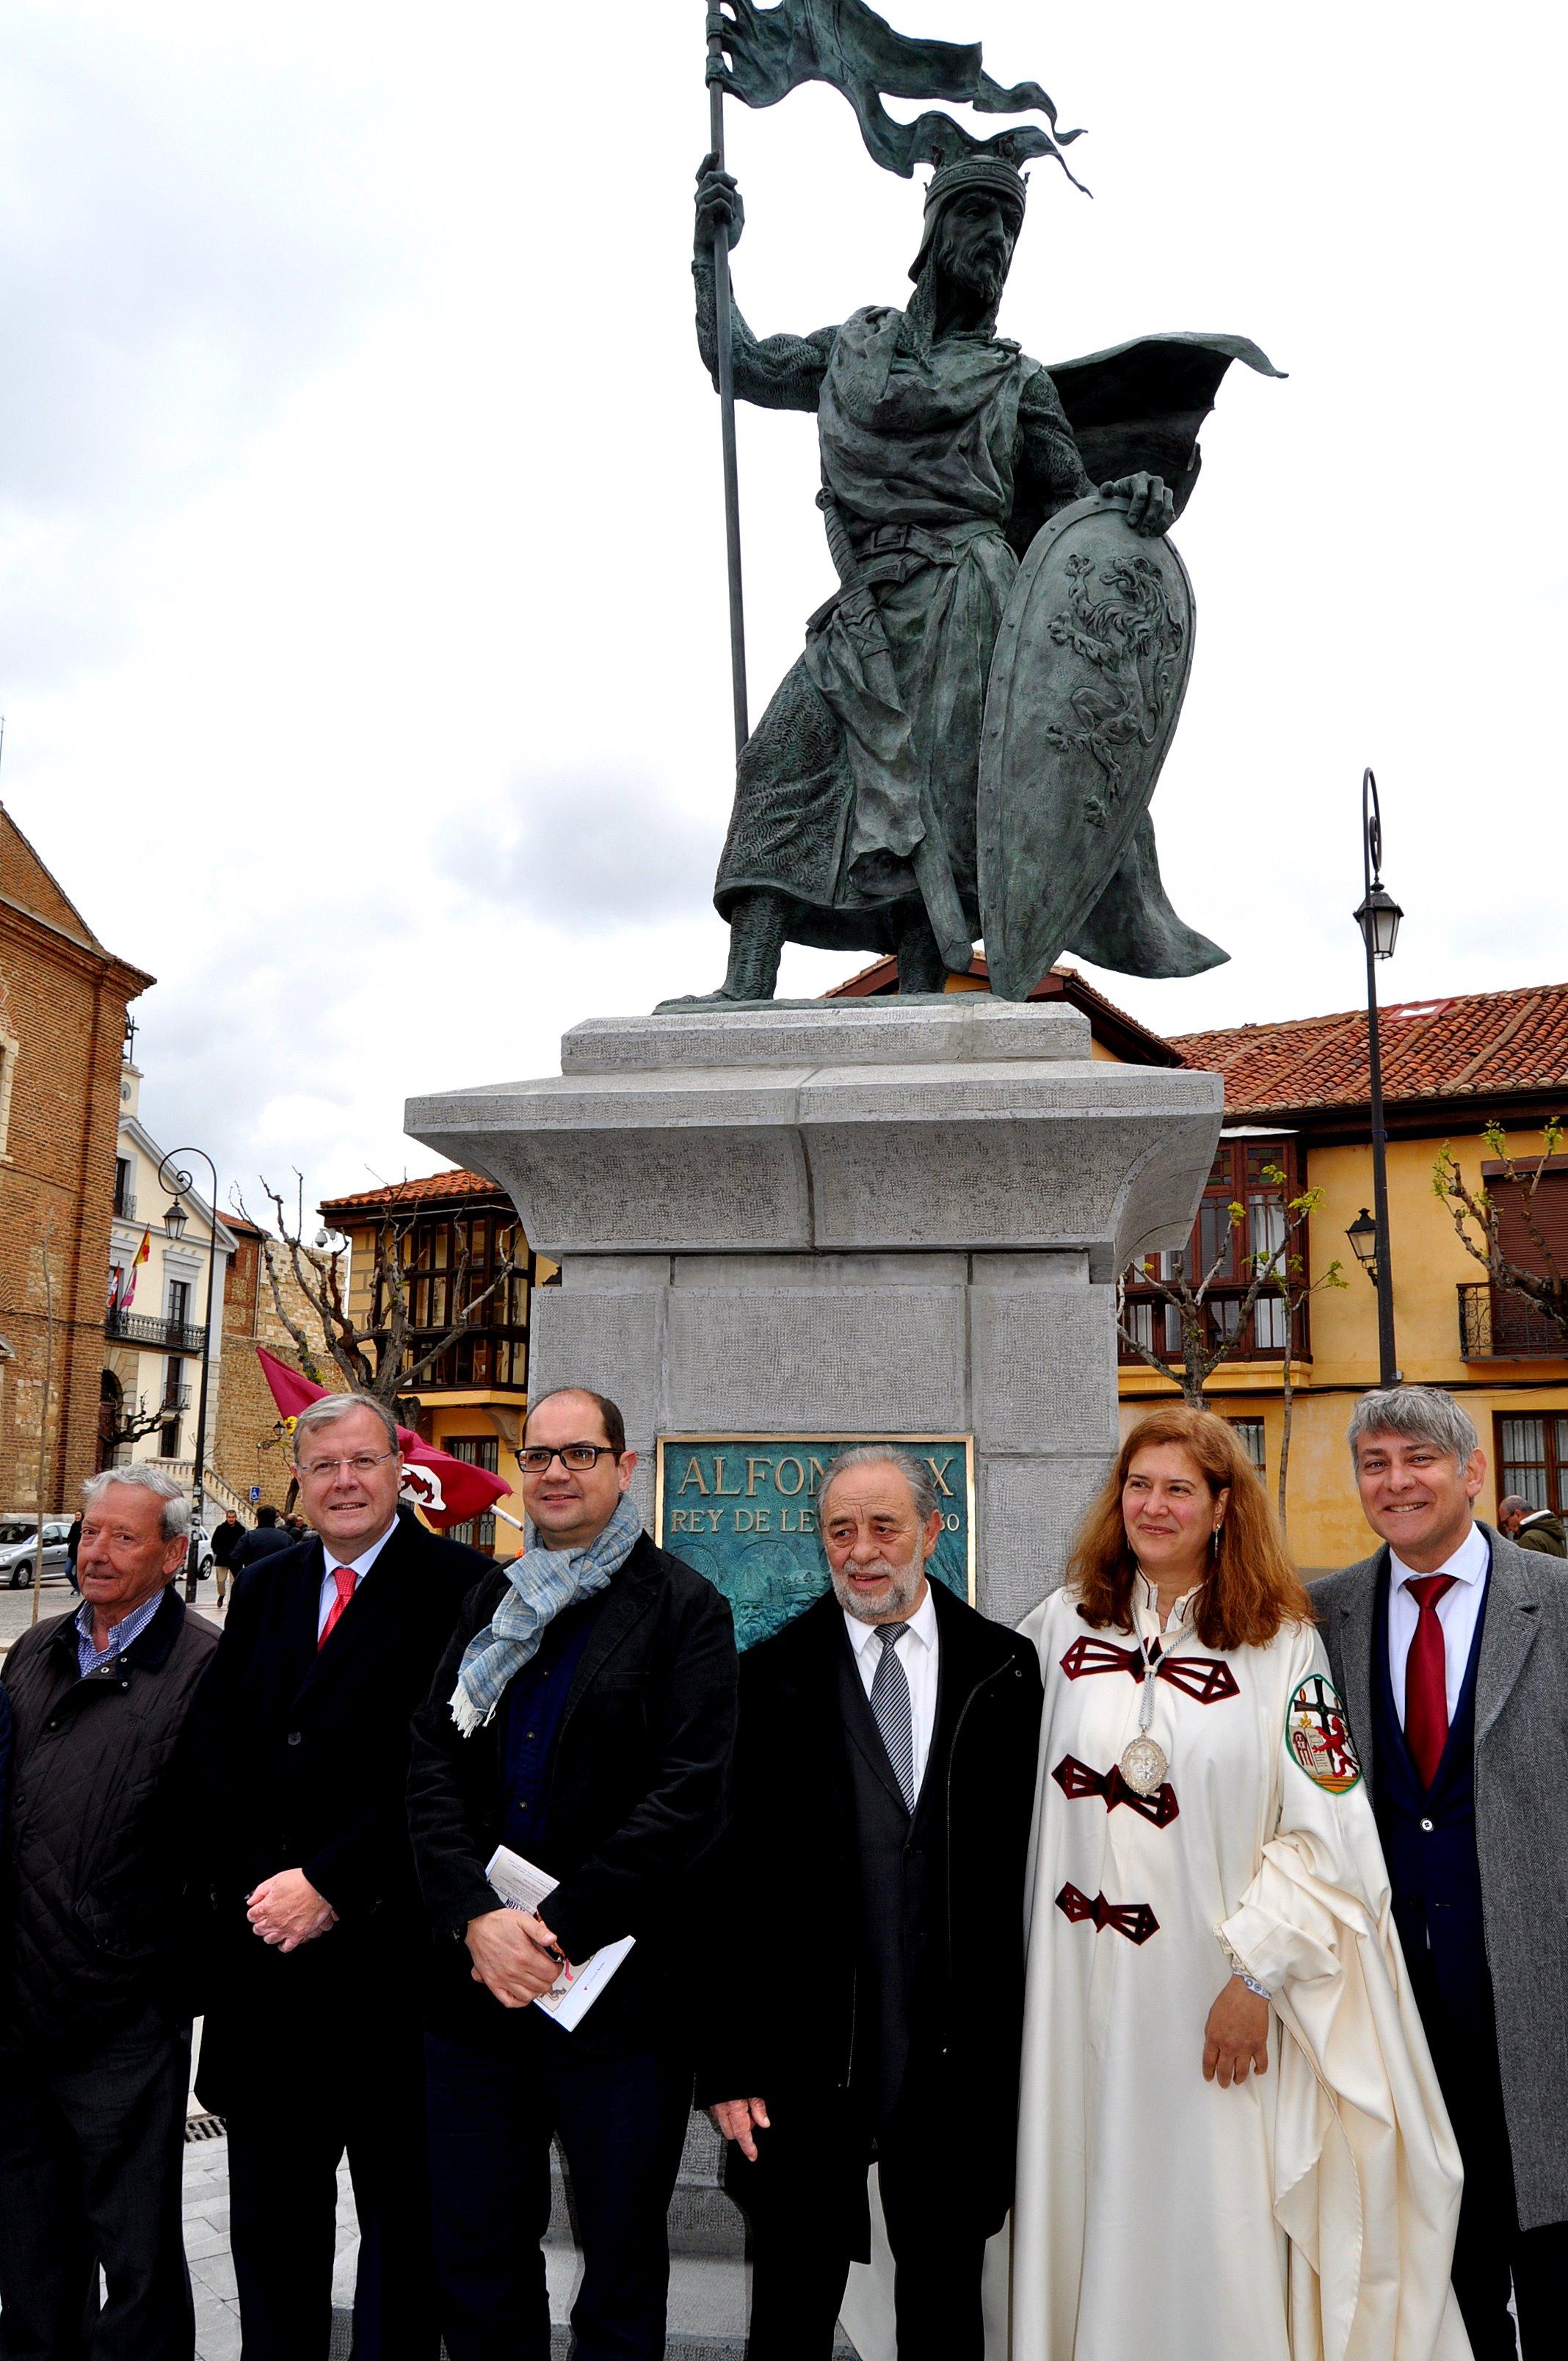 Al pie del monumento: Marcelino Fernández (presidente de Promonumenta), Antonio Silván (alcalde de León), Nacho Ares, Joaquín Robles, Margarita y Argüello.